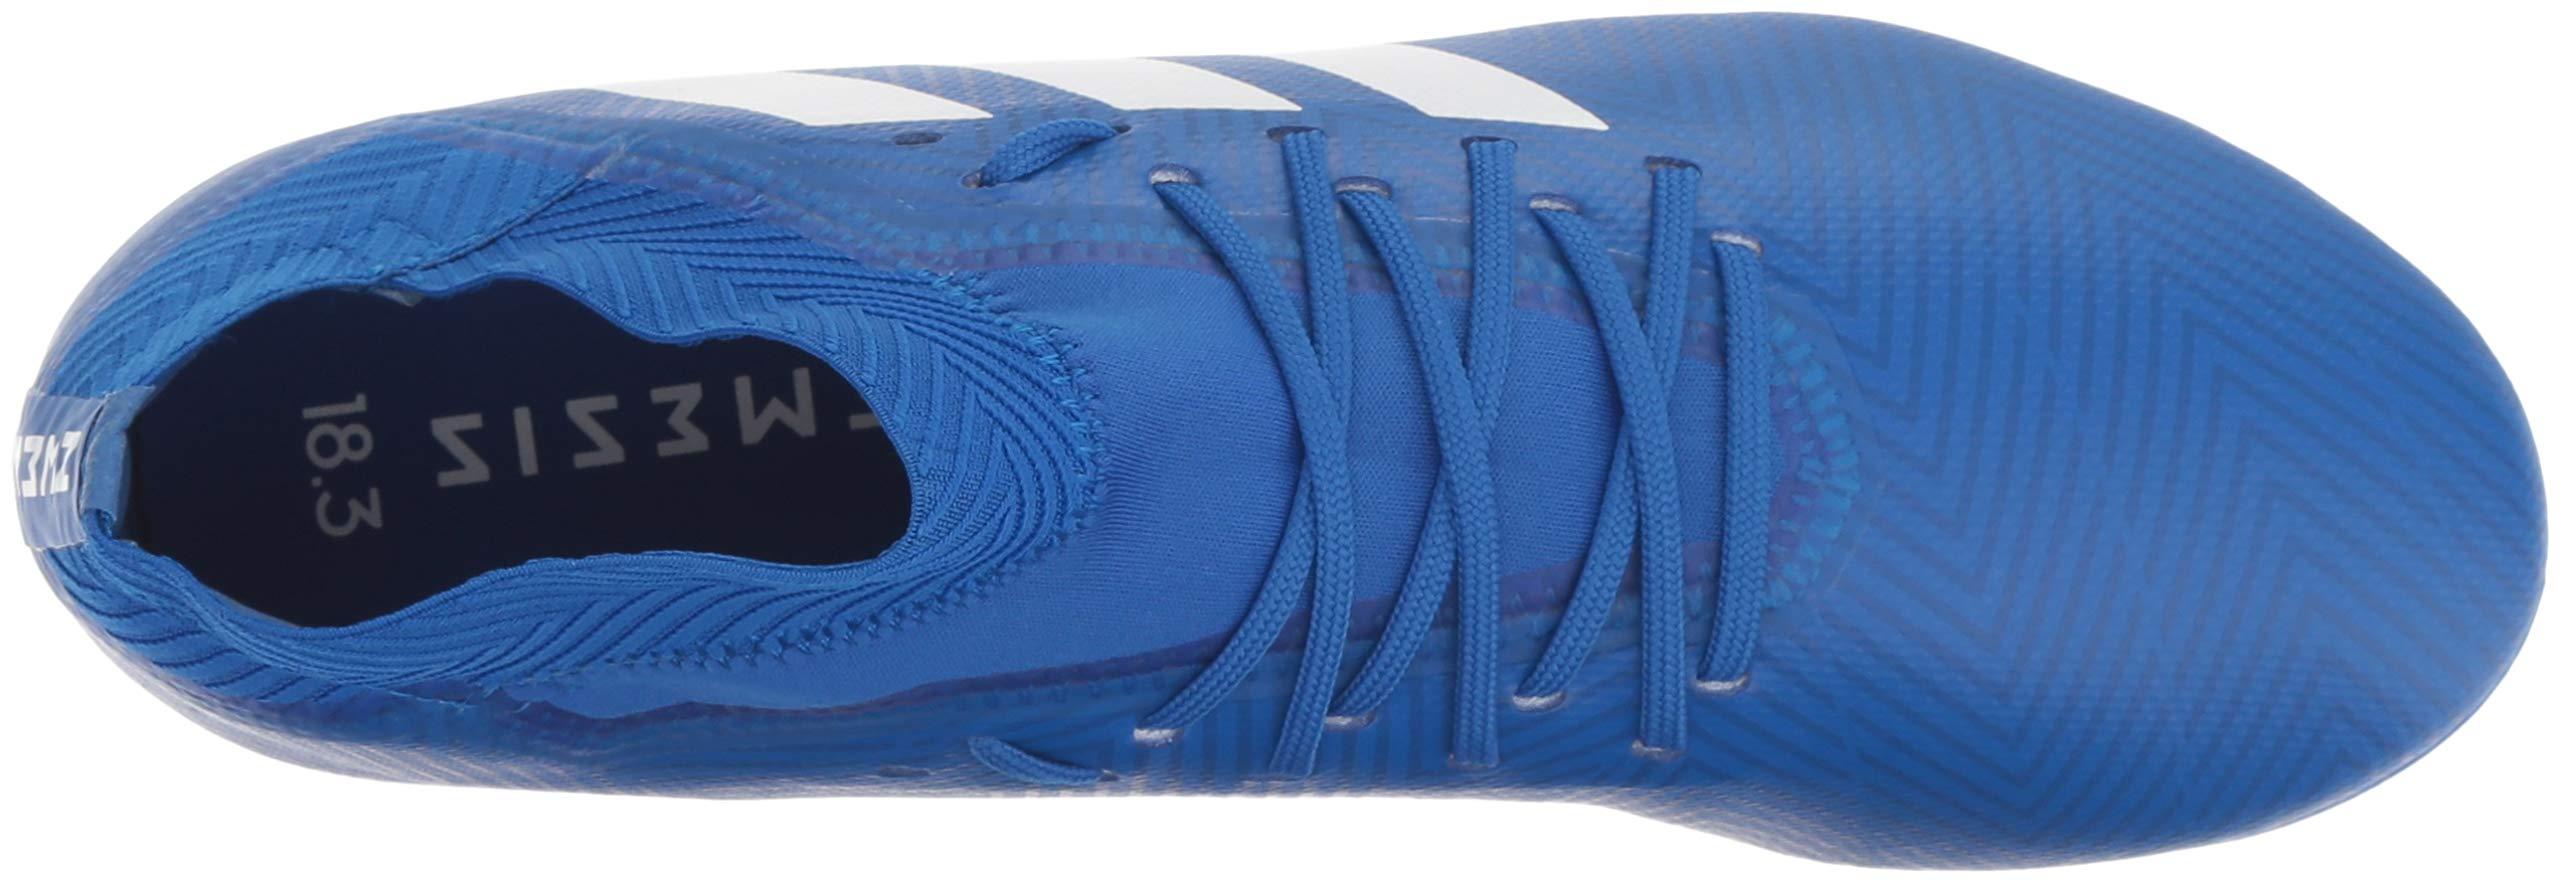 adidas Unisex Nemeziz 18.3 Firm Ground Soccer Shoe, White/Football Blue, 3.5 M US Big Kid by adidas (Image #8)